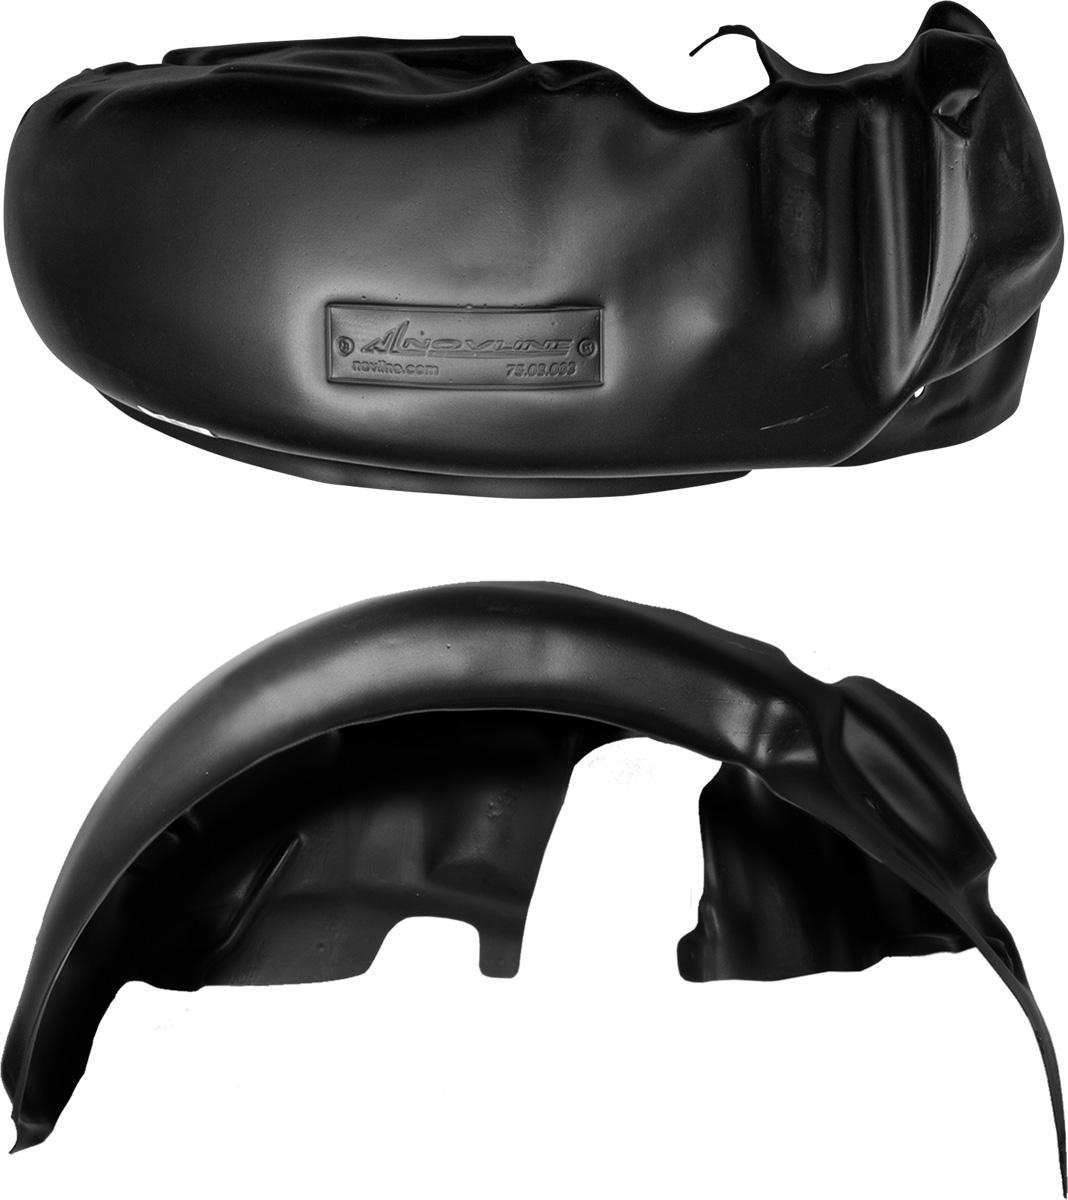 Подкрылок RENAULT Logan, 2013, рестайлинг, задний левыйNLL.41.31.003Колесные ниши – одни из самых уязвимых зон днища вашего автомобиля. Они постоянно подвергаются воздействию со стороны дороги. Лучшая, почти абсолютная защита для них - специально отформованные пластиковые кожухи, которые называются подкрылками, или локерами. Производятся они как для отечественных моделей автомобилей, так и для иномарок. Подкрылки выполнены из высококачественного, экологически чистого пластика. Обеспечивают надежную защиту кузова автомобиля от пескоструйного эффекта и негативного влияния, агрессивных антигололедных реагентов. Пластик обладает более низкой теплопроводностью, чем металл, поэтому в зимний период эксплуатации использование пластиковых подкрылков позволяет лучше защитить колесные ниши от налипания снега и образования наледи. Оригинальность конструкции подчеркивает элегантность автомобиля, бережно защищает нанесенное на днище кузова антикоррозийное покрытие и позволяет осуществить крепление подкрылков внутри колесной арки практически без дополнительного...